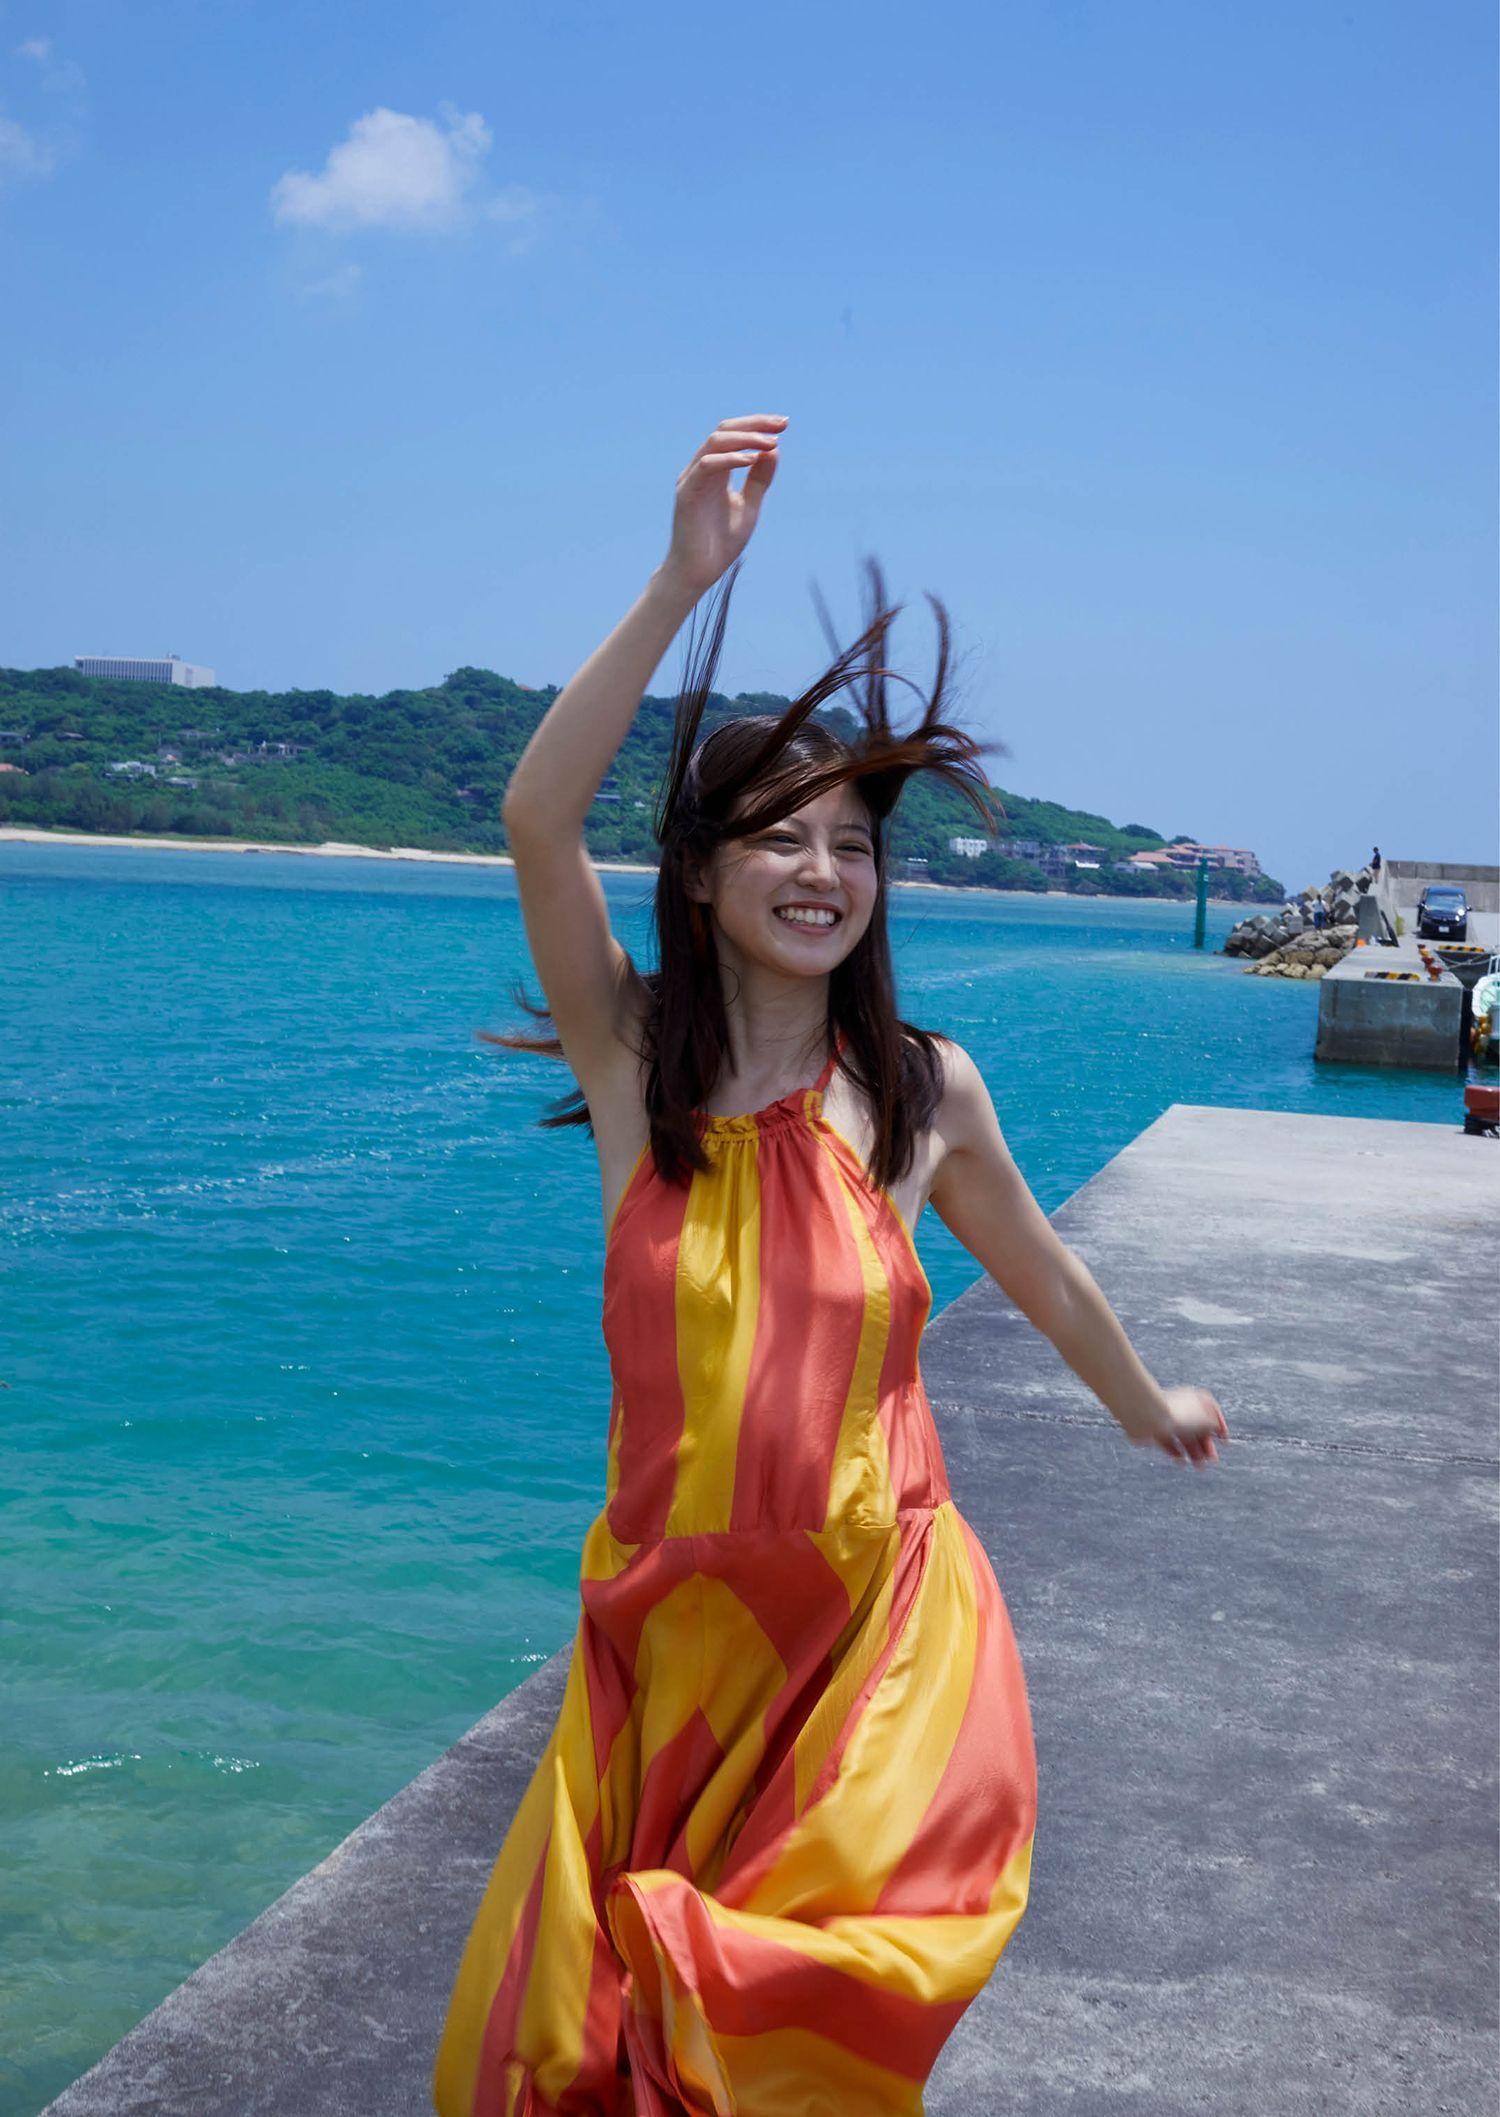 今田美樱Weekly Playboy写真集「スタミナ」 养眼图片 第5张